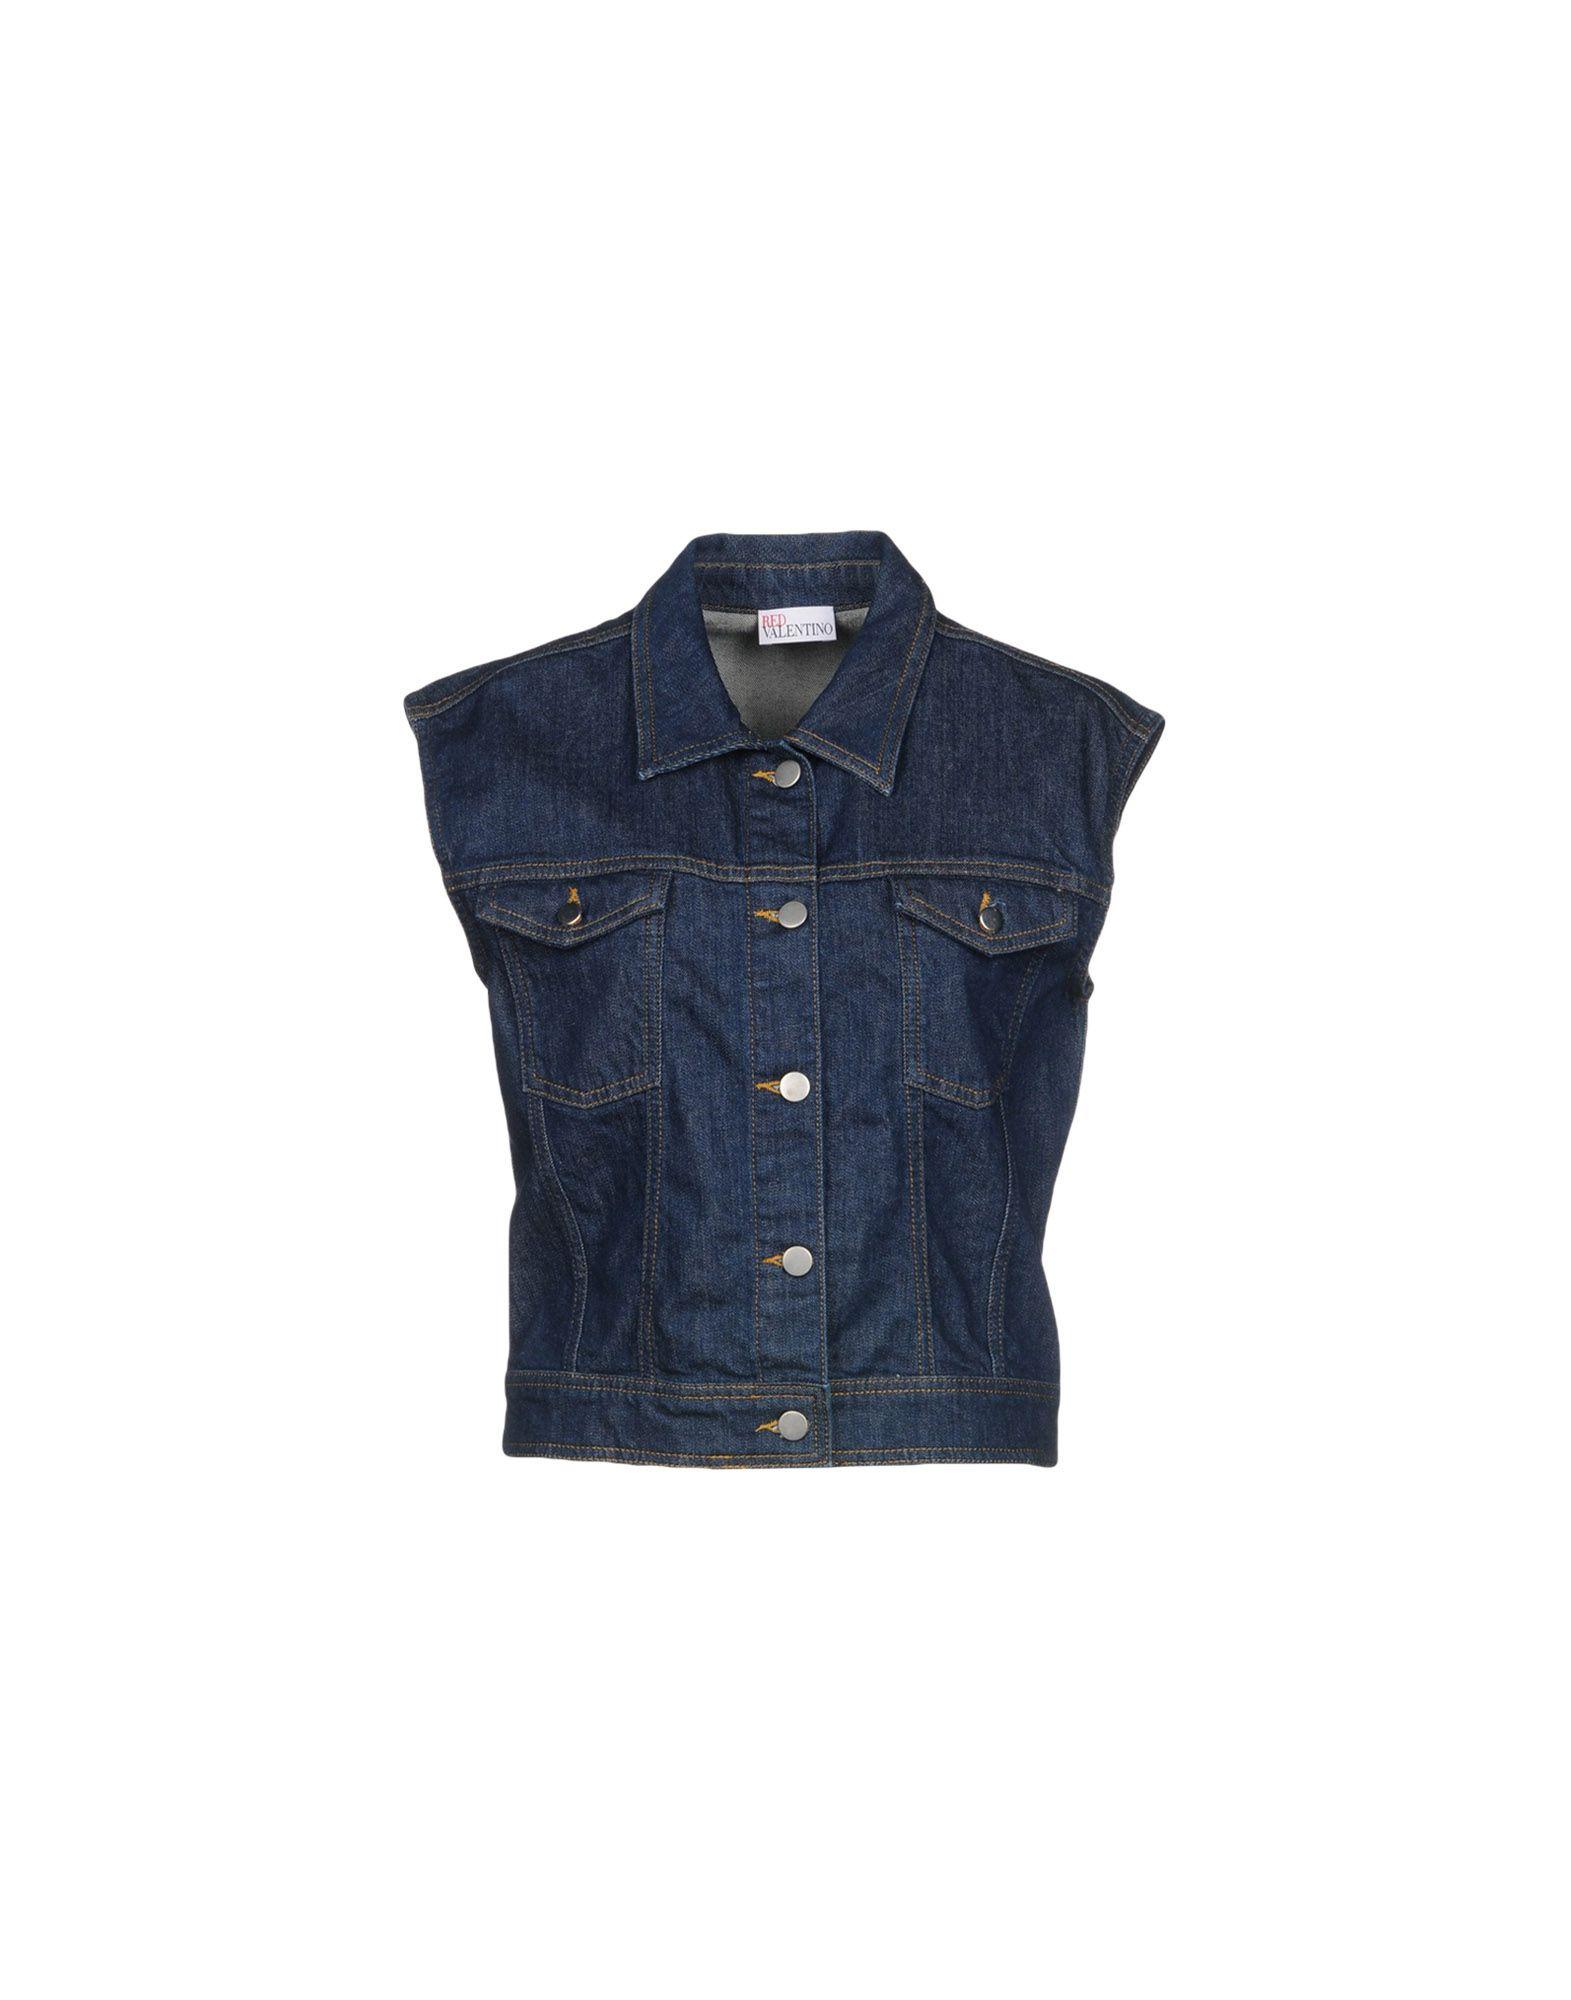 REDValentino Джинсовая верхняя одежда wood wood джинсовая верхняя одежда